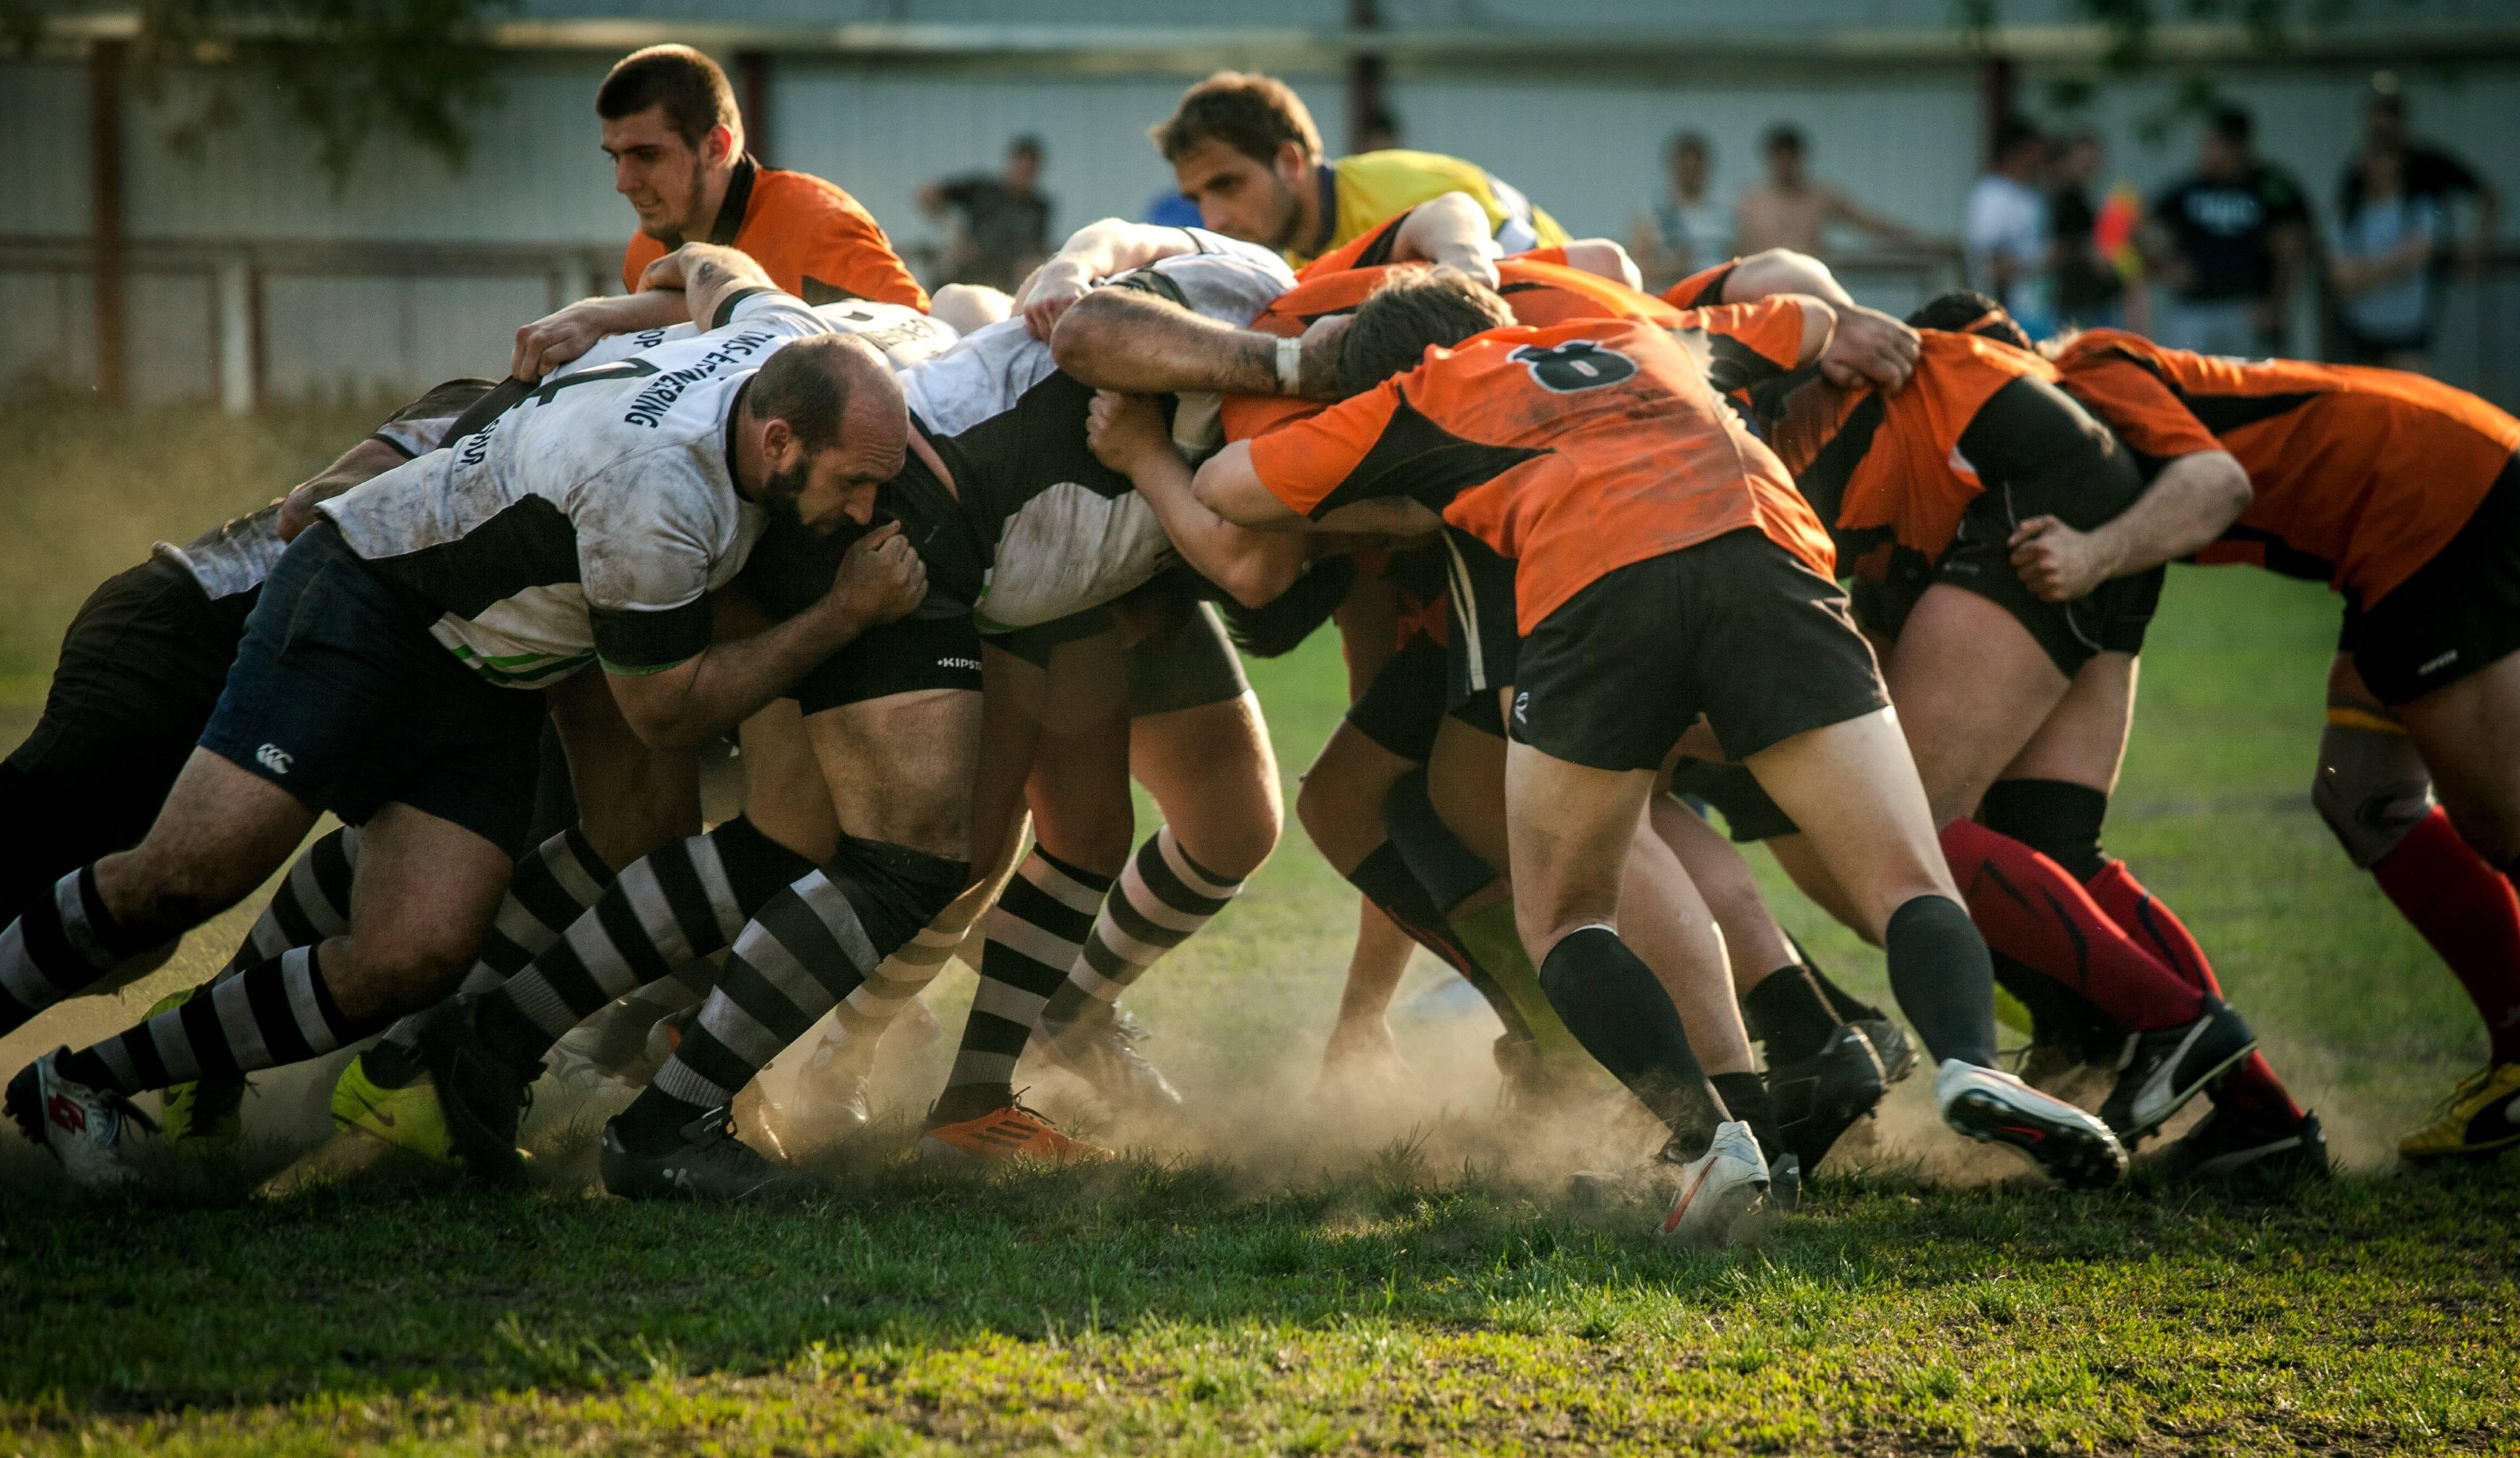 Blessures des membres supérieurs au rugby